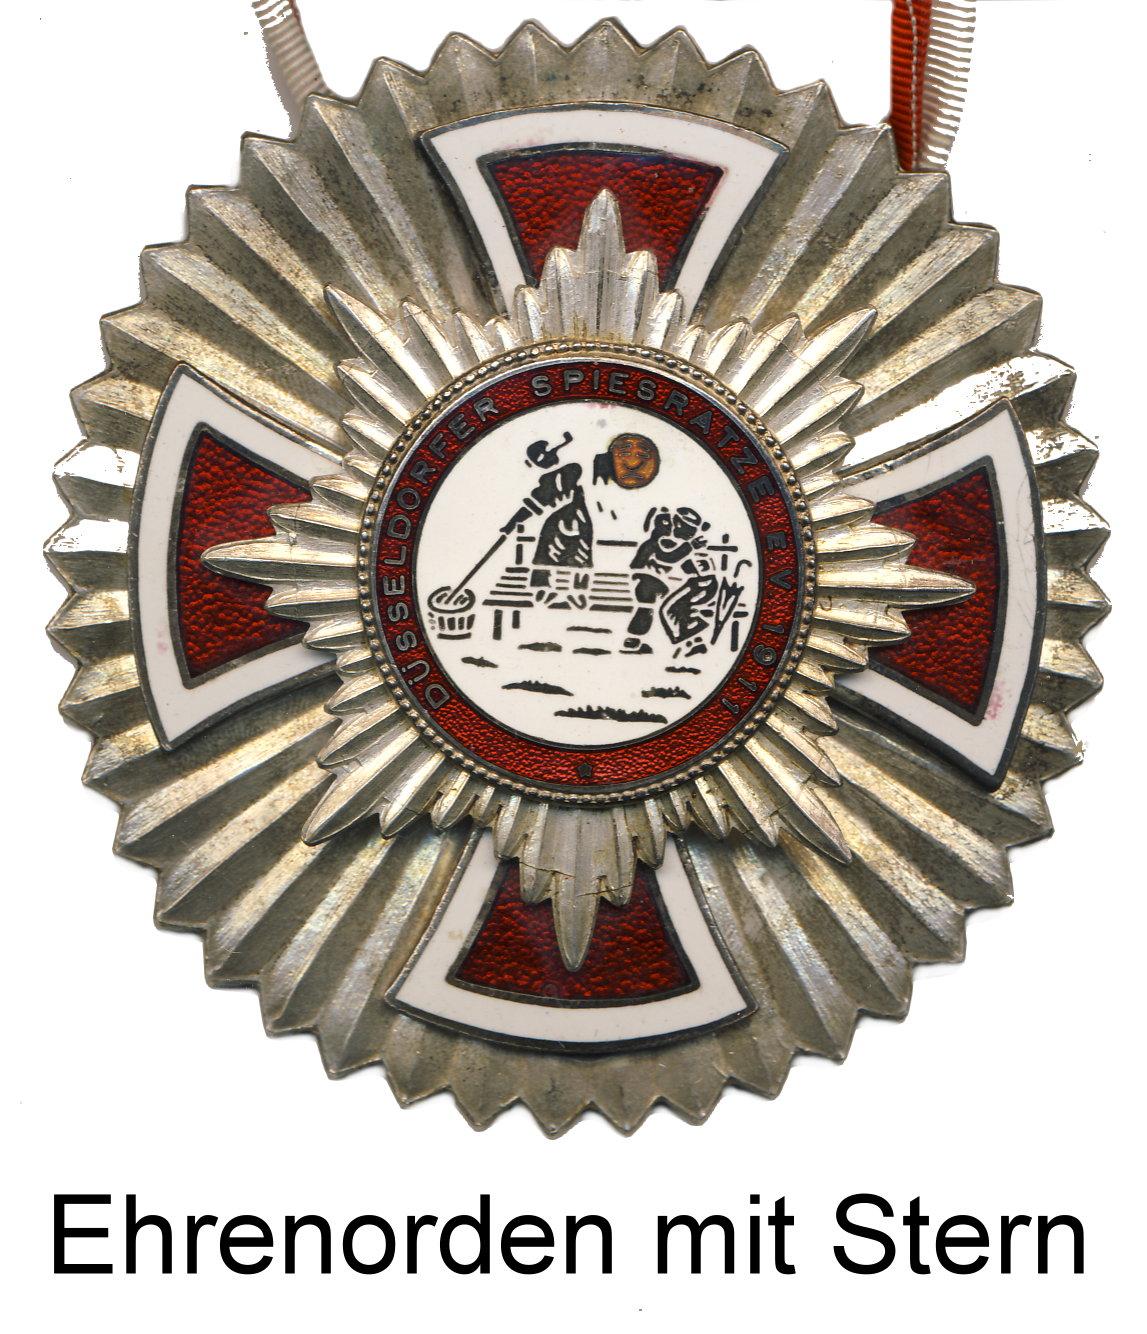 Ehrenorden mit Stern